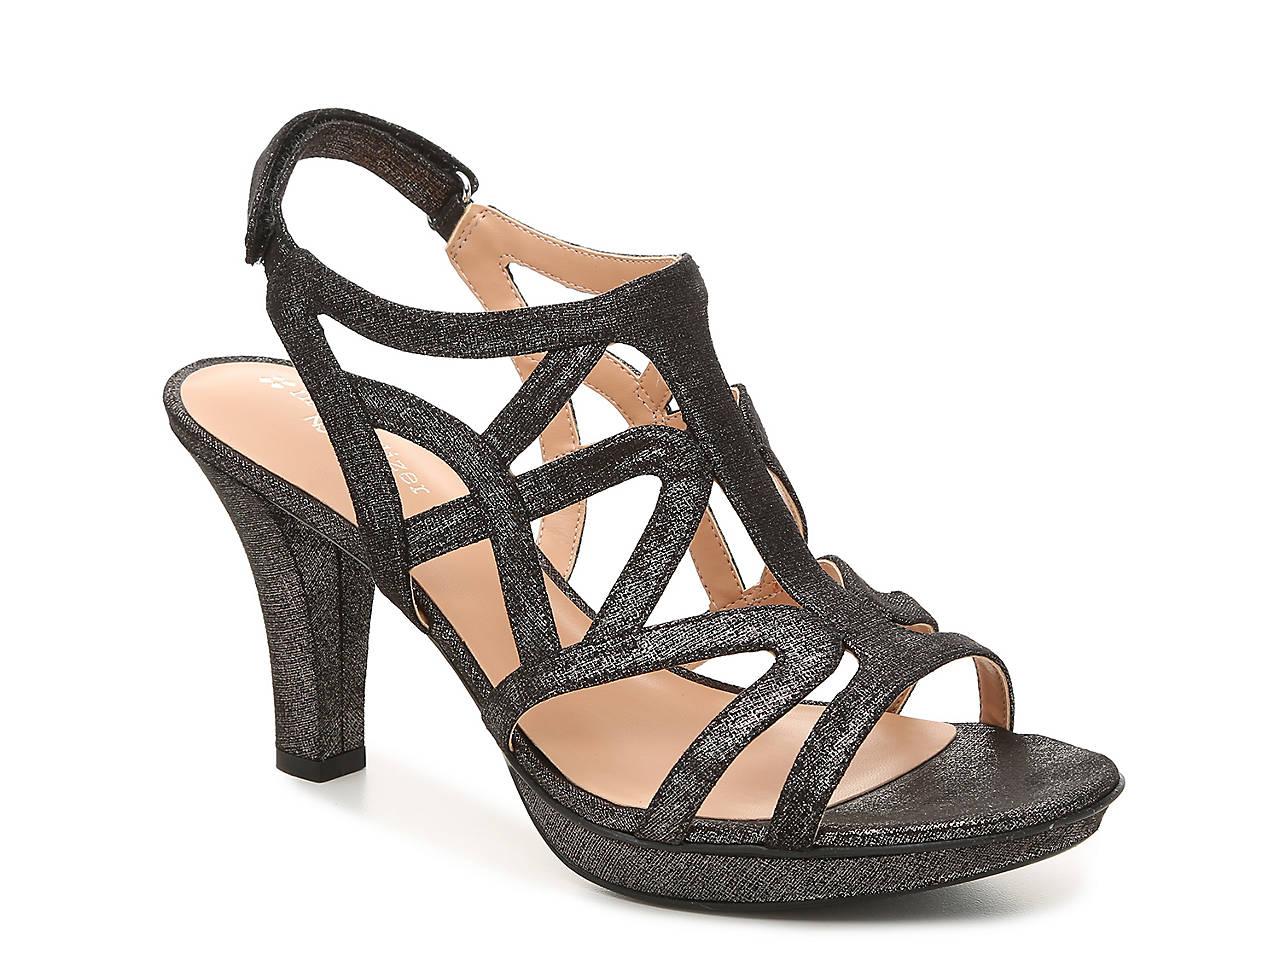 8d60b527fae9 Naturalizer Danya Sandal Women s Shoes